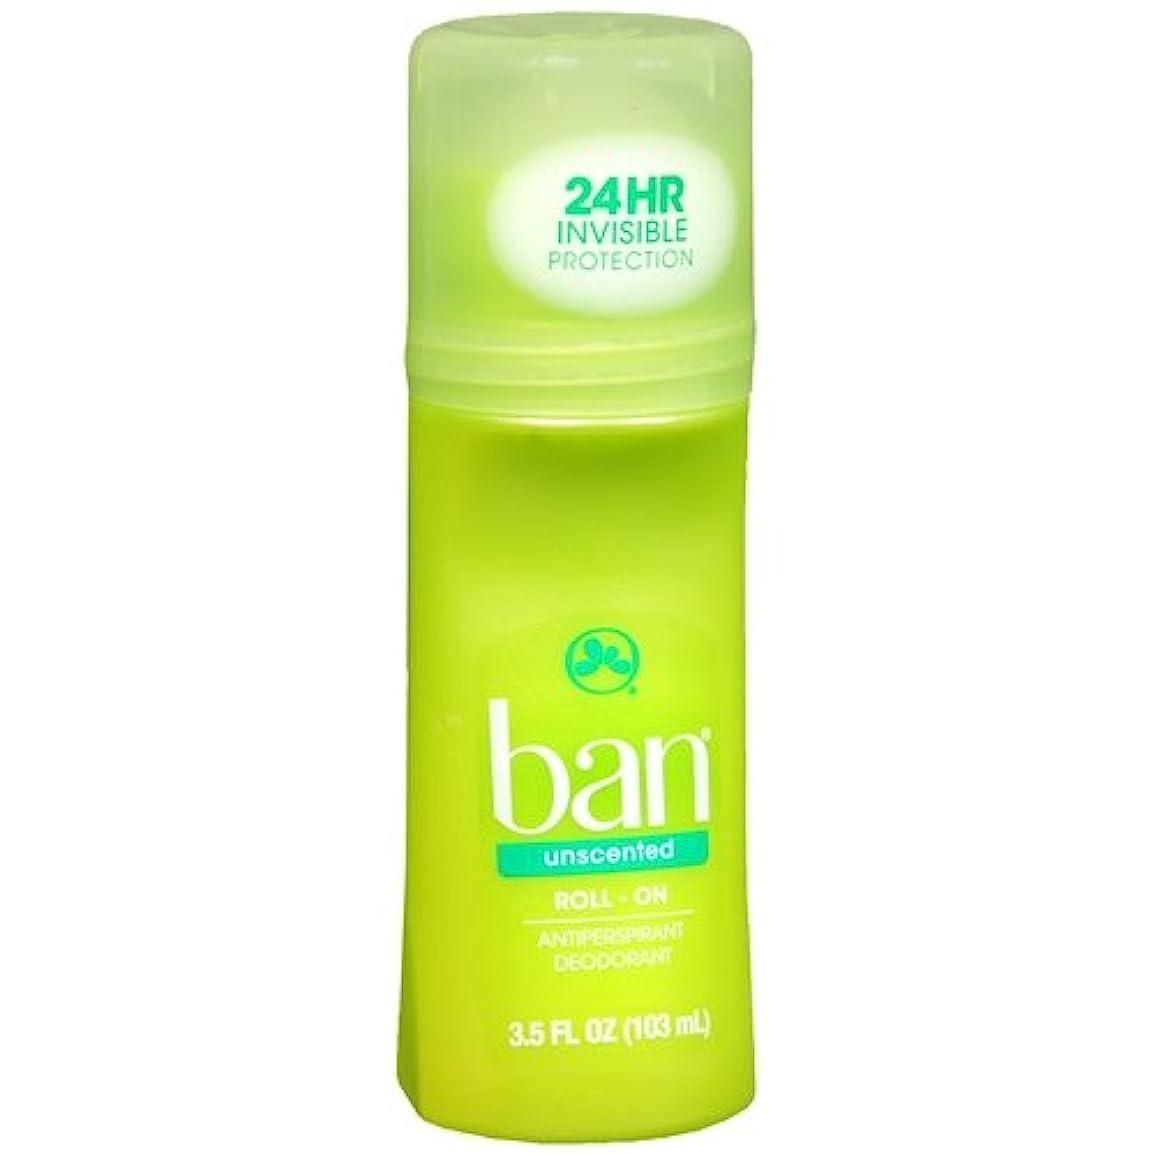 シロクマ運命負海外直送品 【2個セット】Ban Roll-On Unscented Antiperspirant & Deodorant - 3.5 fl oz (103 ml) 無香タイプ